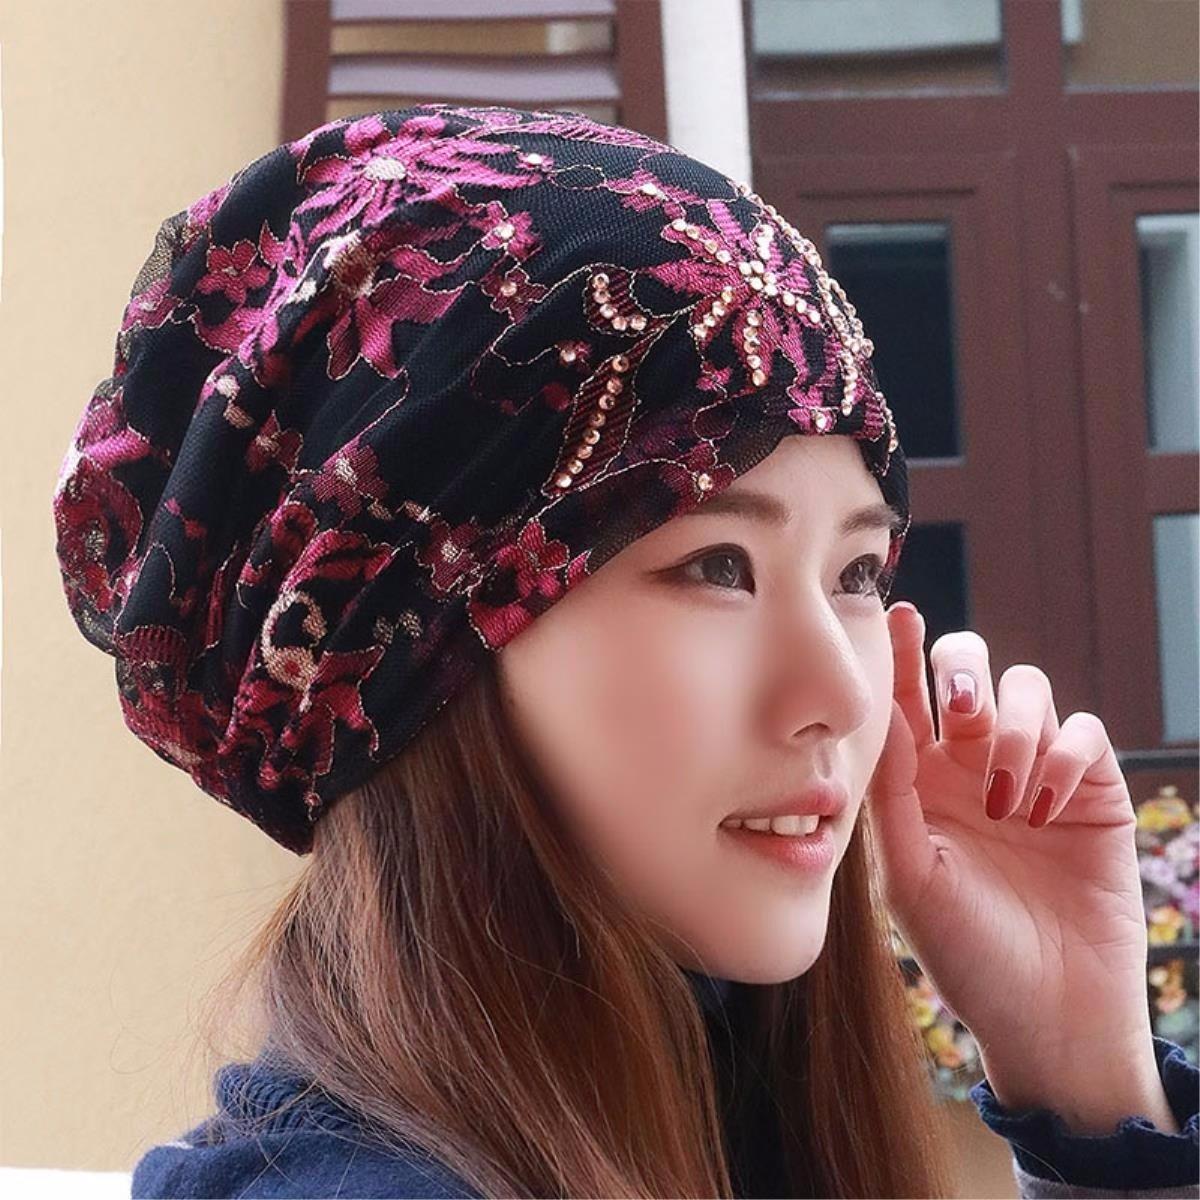 rose XINQING-MZ Chapeau The Girl /Écharpe Cap Bonnet de dentelle chauve Cap Storehouse capuchon femme enceinte Cap Baotou Chapeau Printemps et d/ét/é NEUF